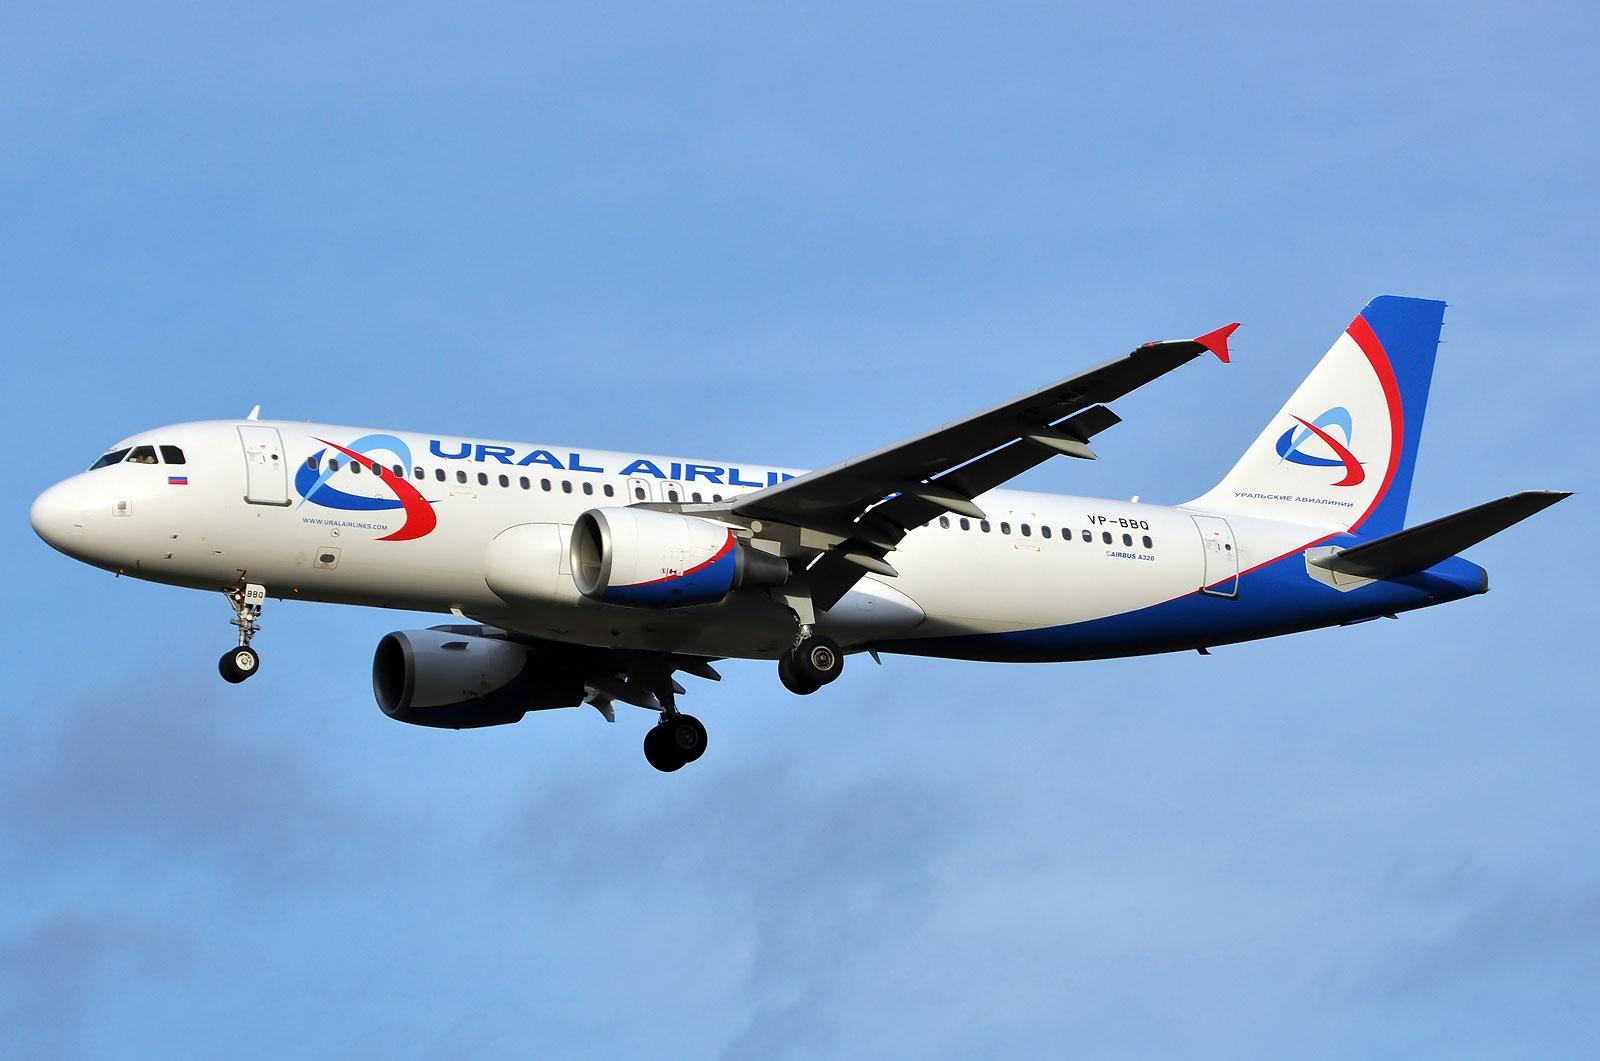 самолет уральские авиалинии фото